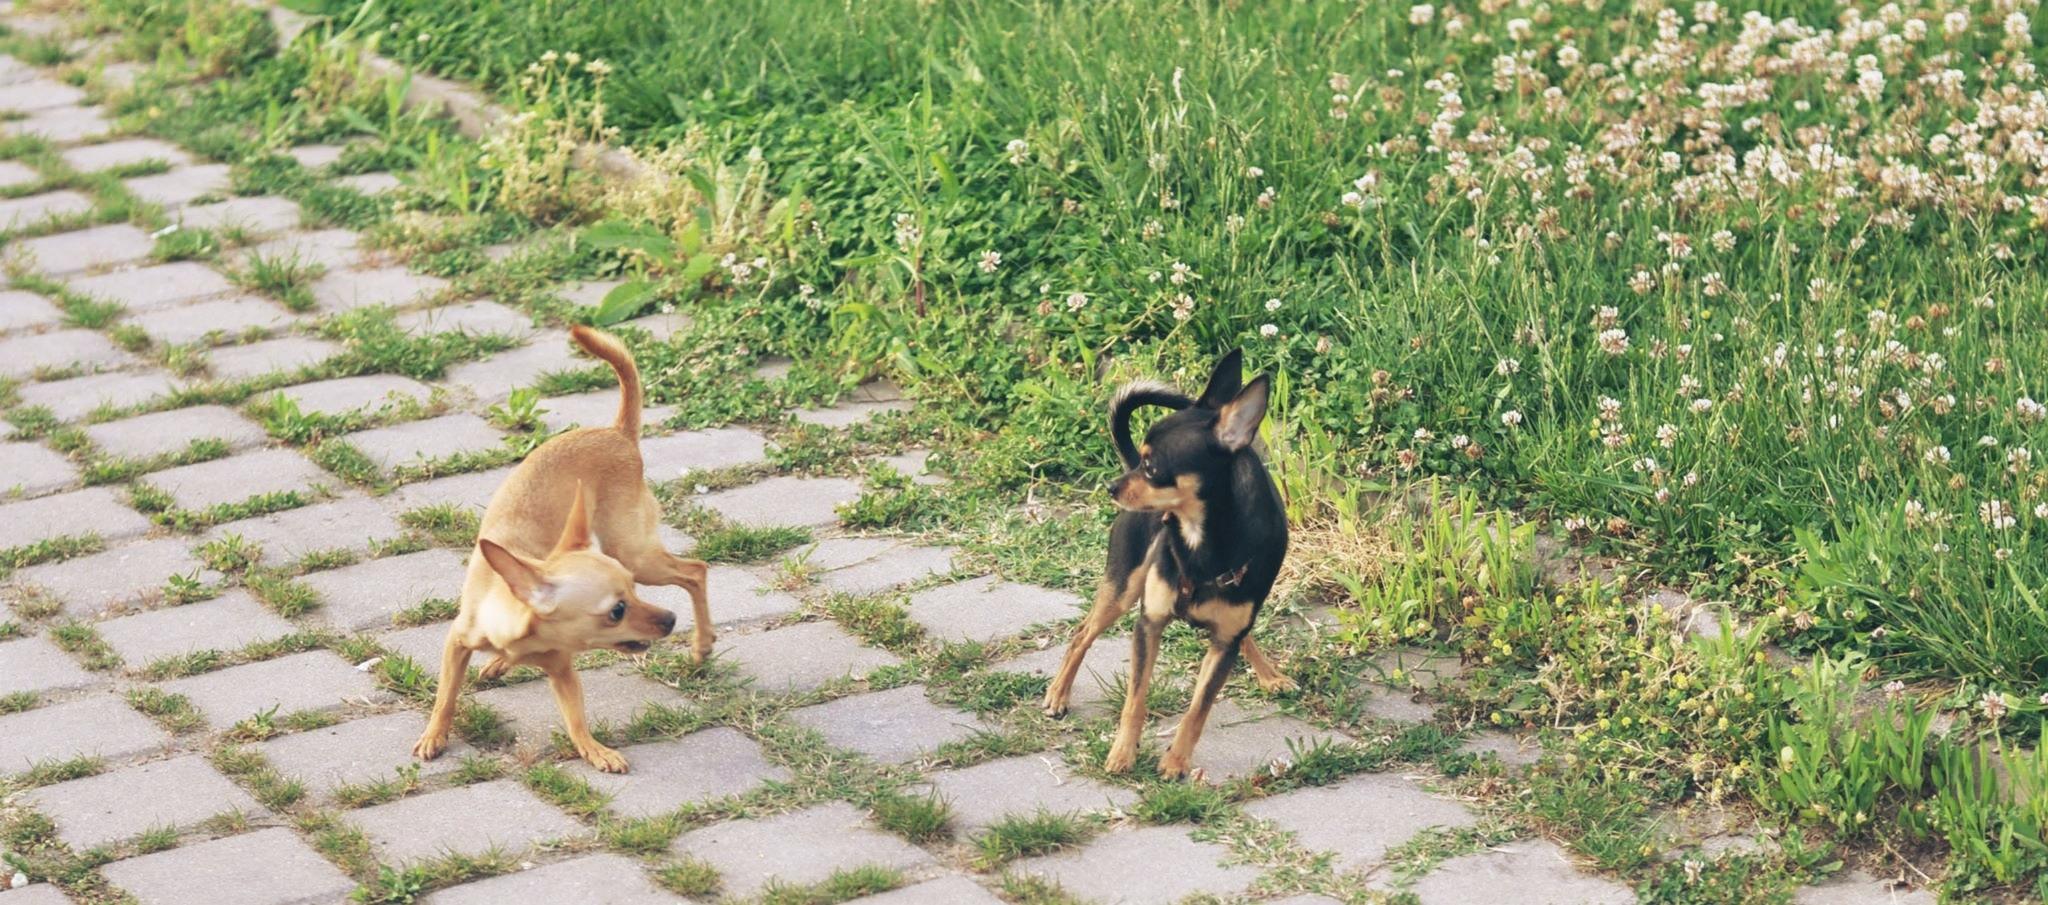 chihuahuaların sosyallesmesi-chihuahua-bakimi-mira-burcu-ozcan-socializing-chihuahua-dog-dear-bonie (17)